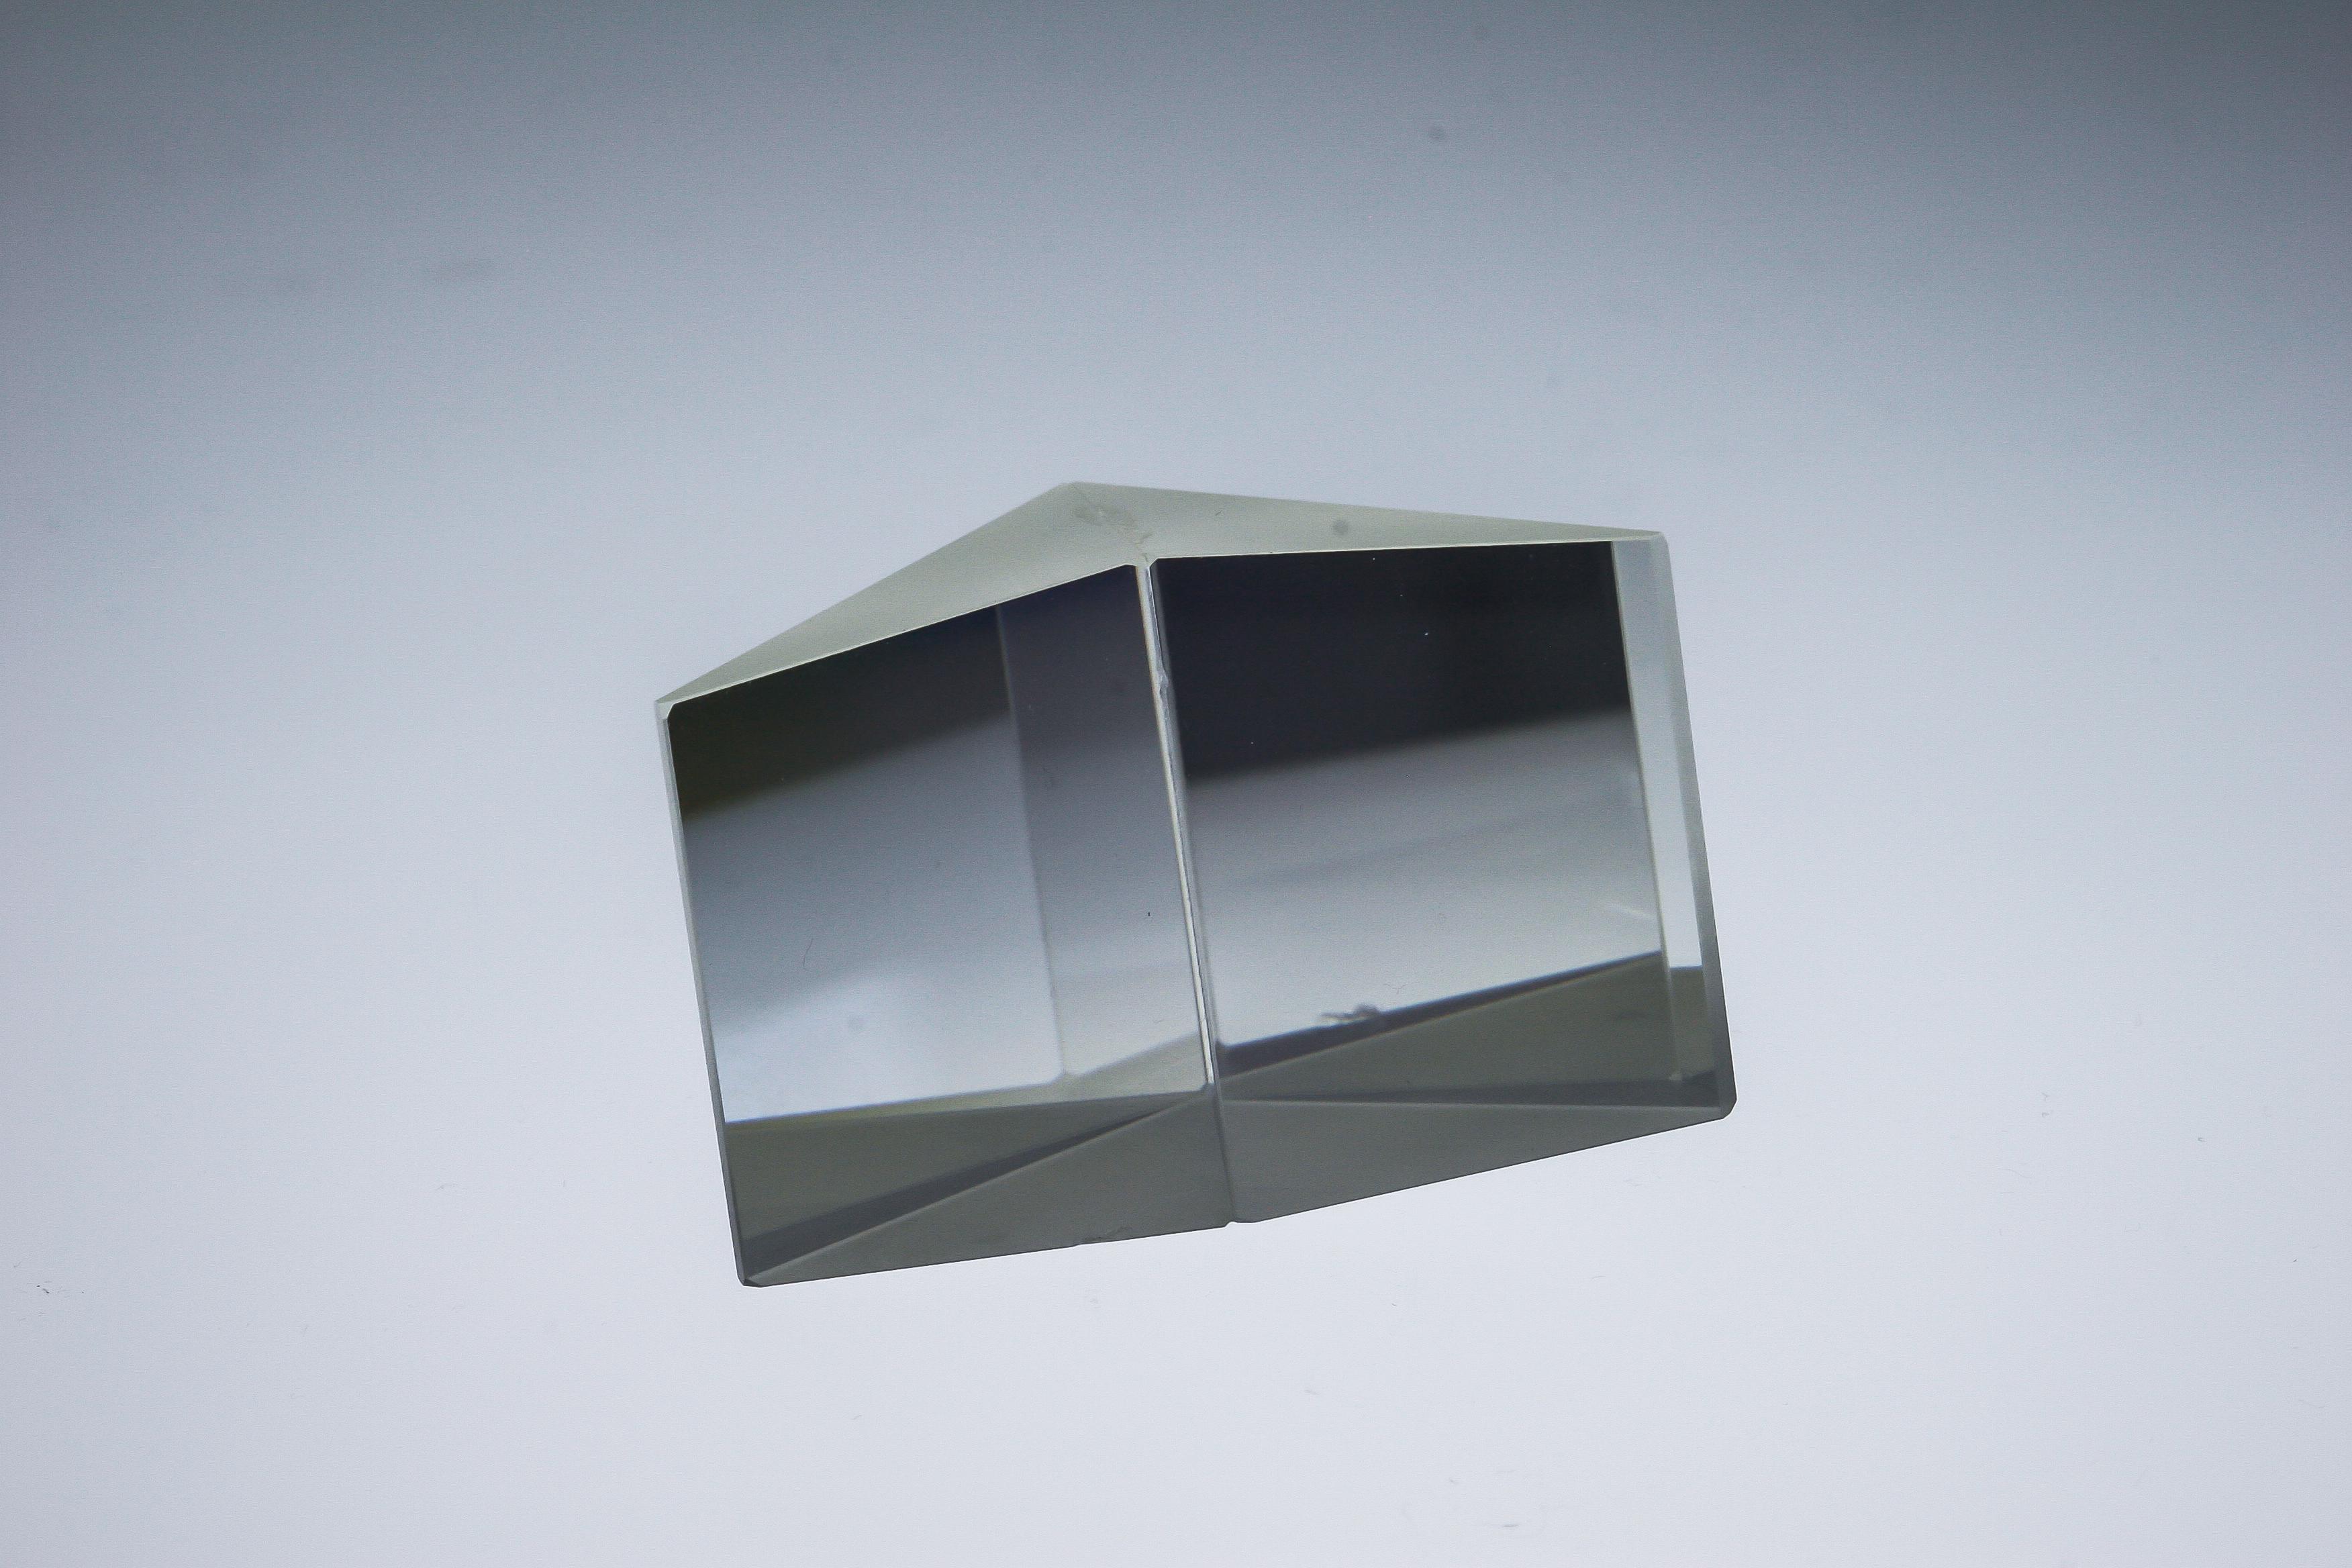 Optical contact bonding